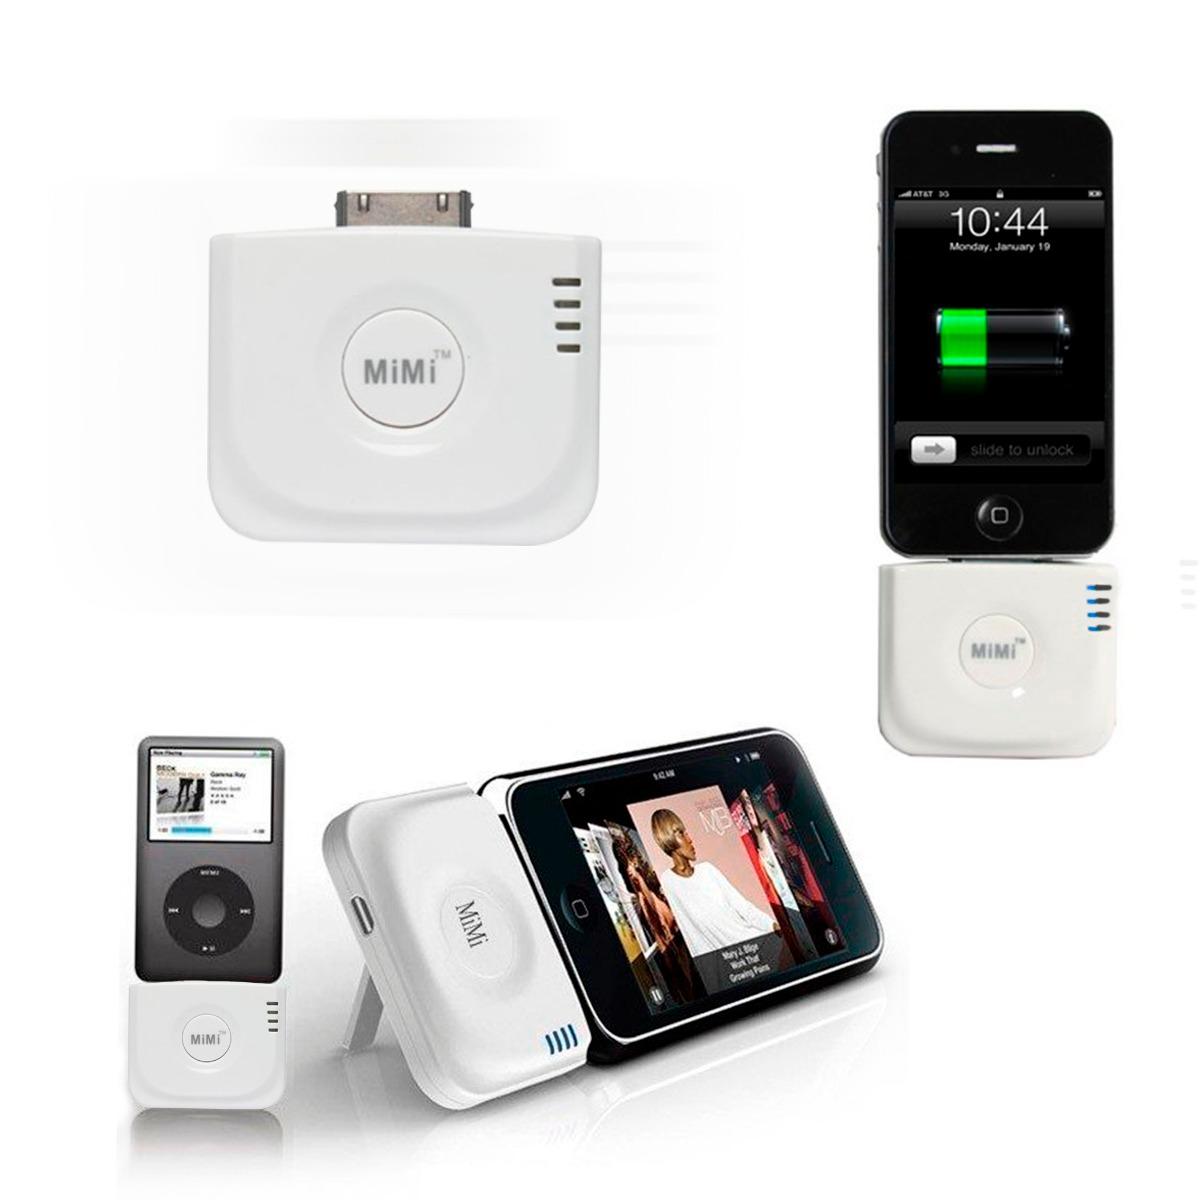 Bateria Externa Para Iphone S